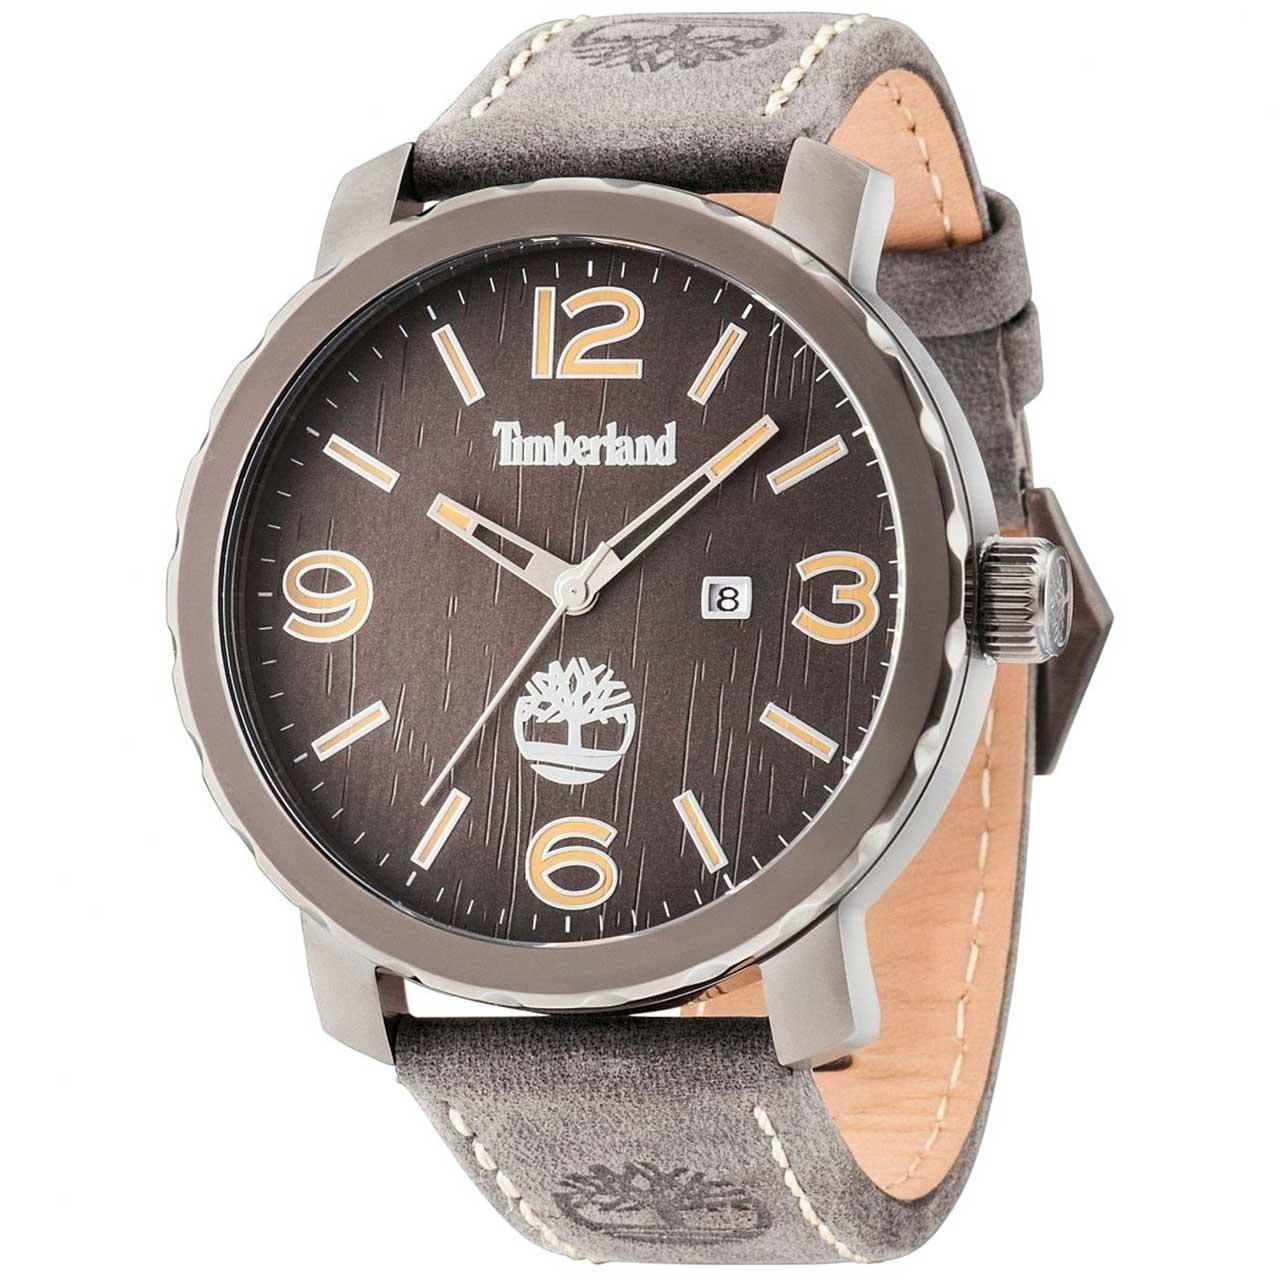 ساعت مچی عقربه ای مردانه تیمبرلند مدل TBL14399XSU-13